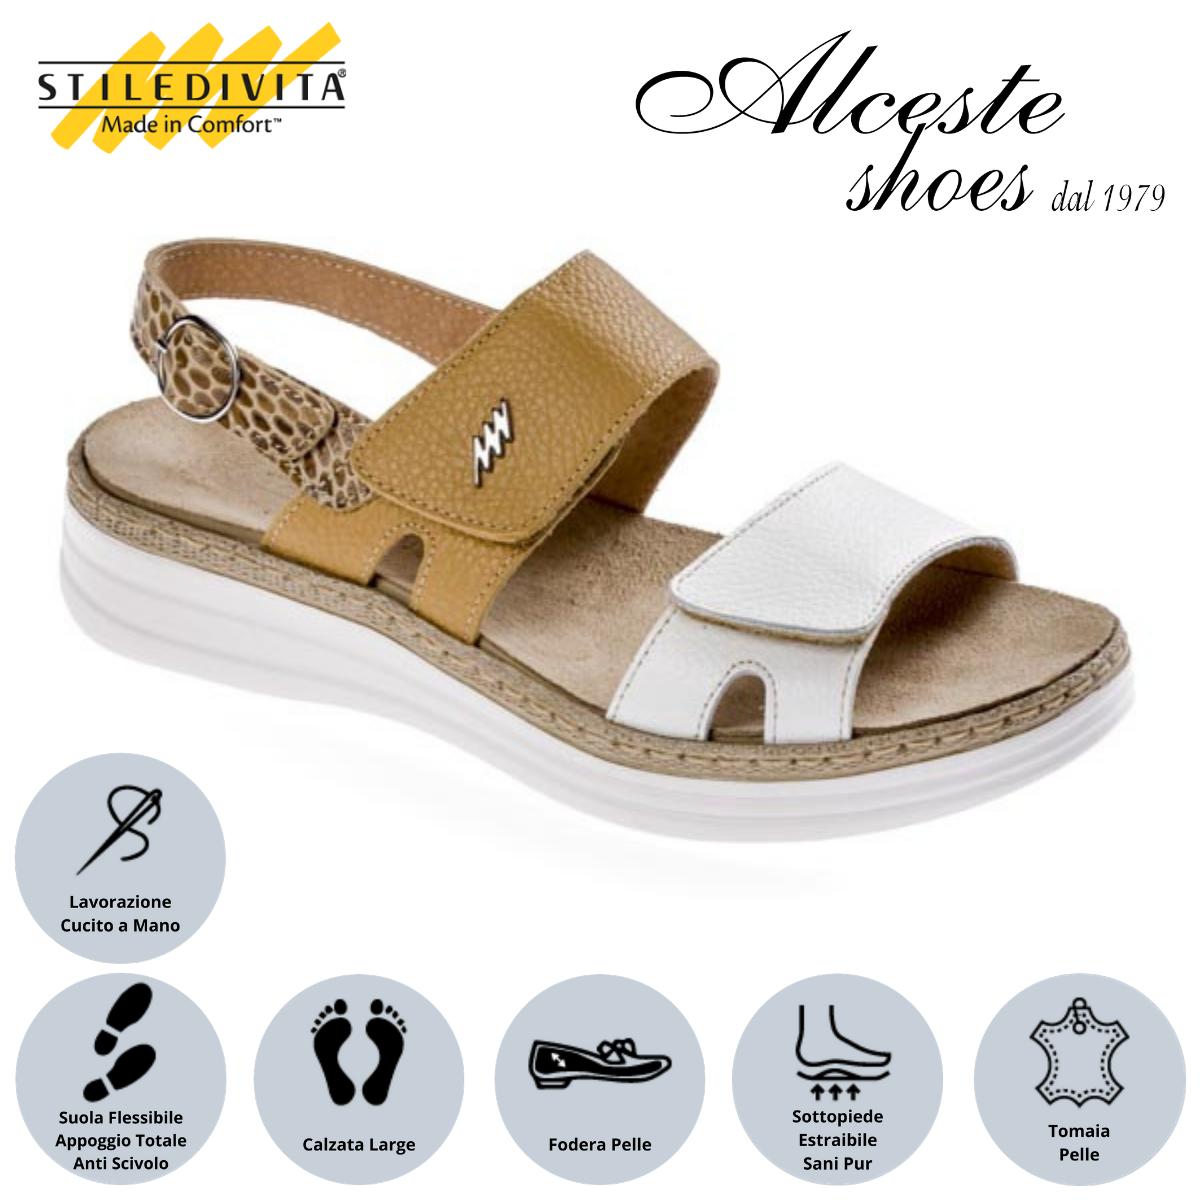 Sandalo con Strappi e Sottopiede Estraibile Stiledivita Art. 8242 Pelle Bianco e Safari Alceste Shoes 14